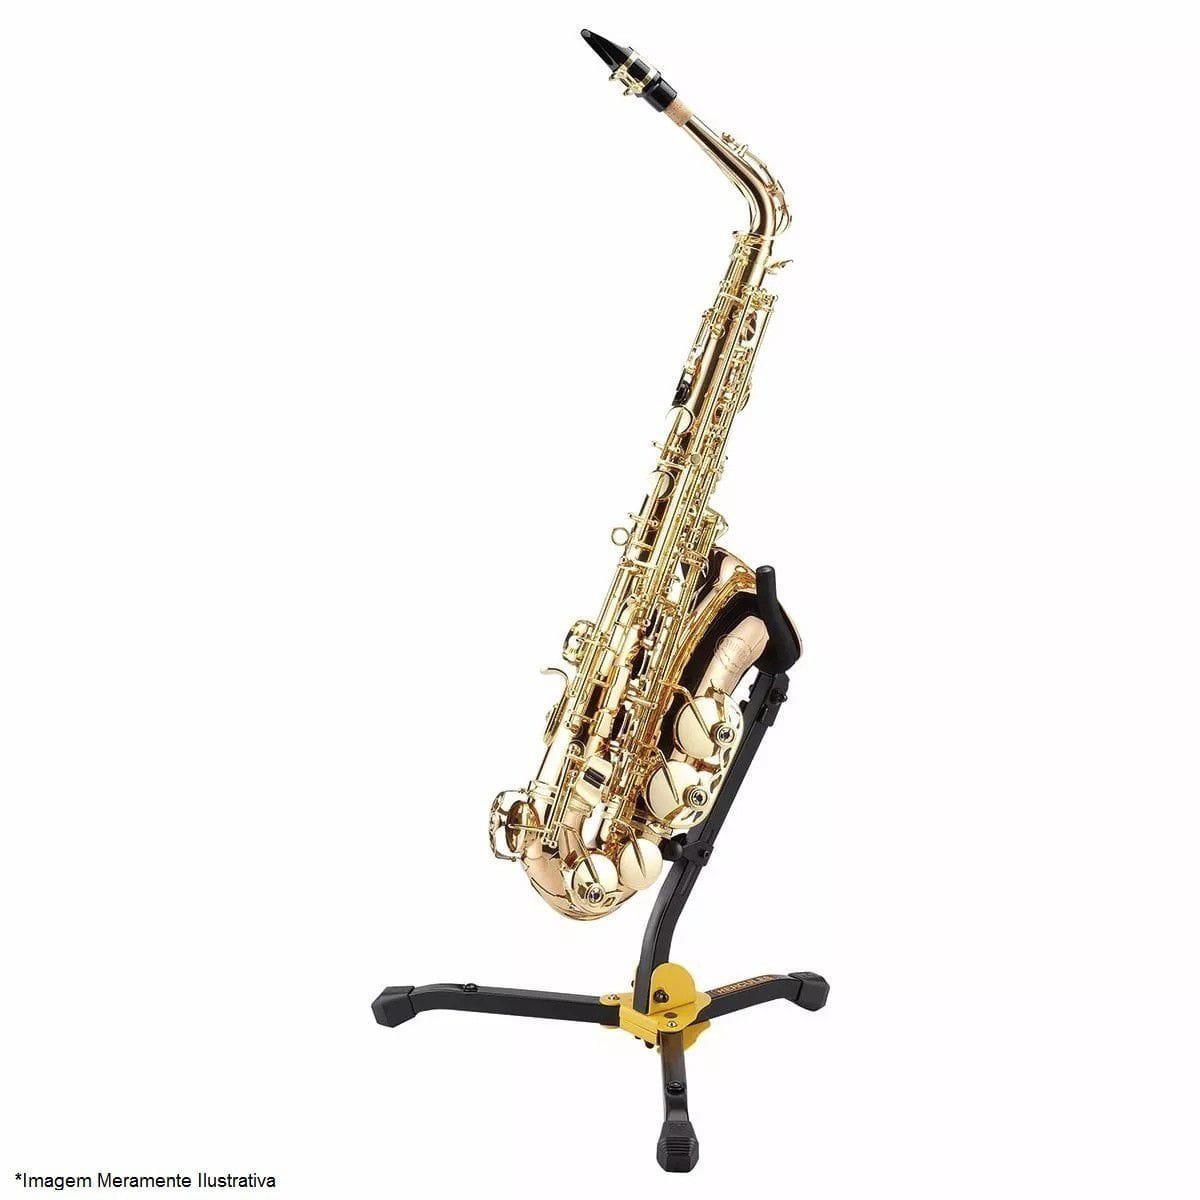 Hercules Suporte para Saxofone Alto/Tenor DS530BB (Com Bag)